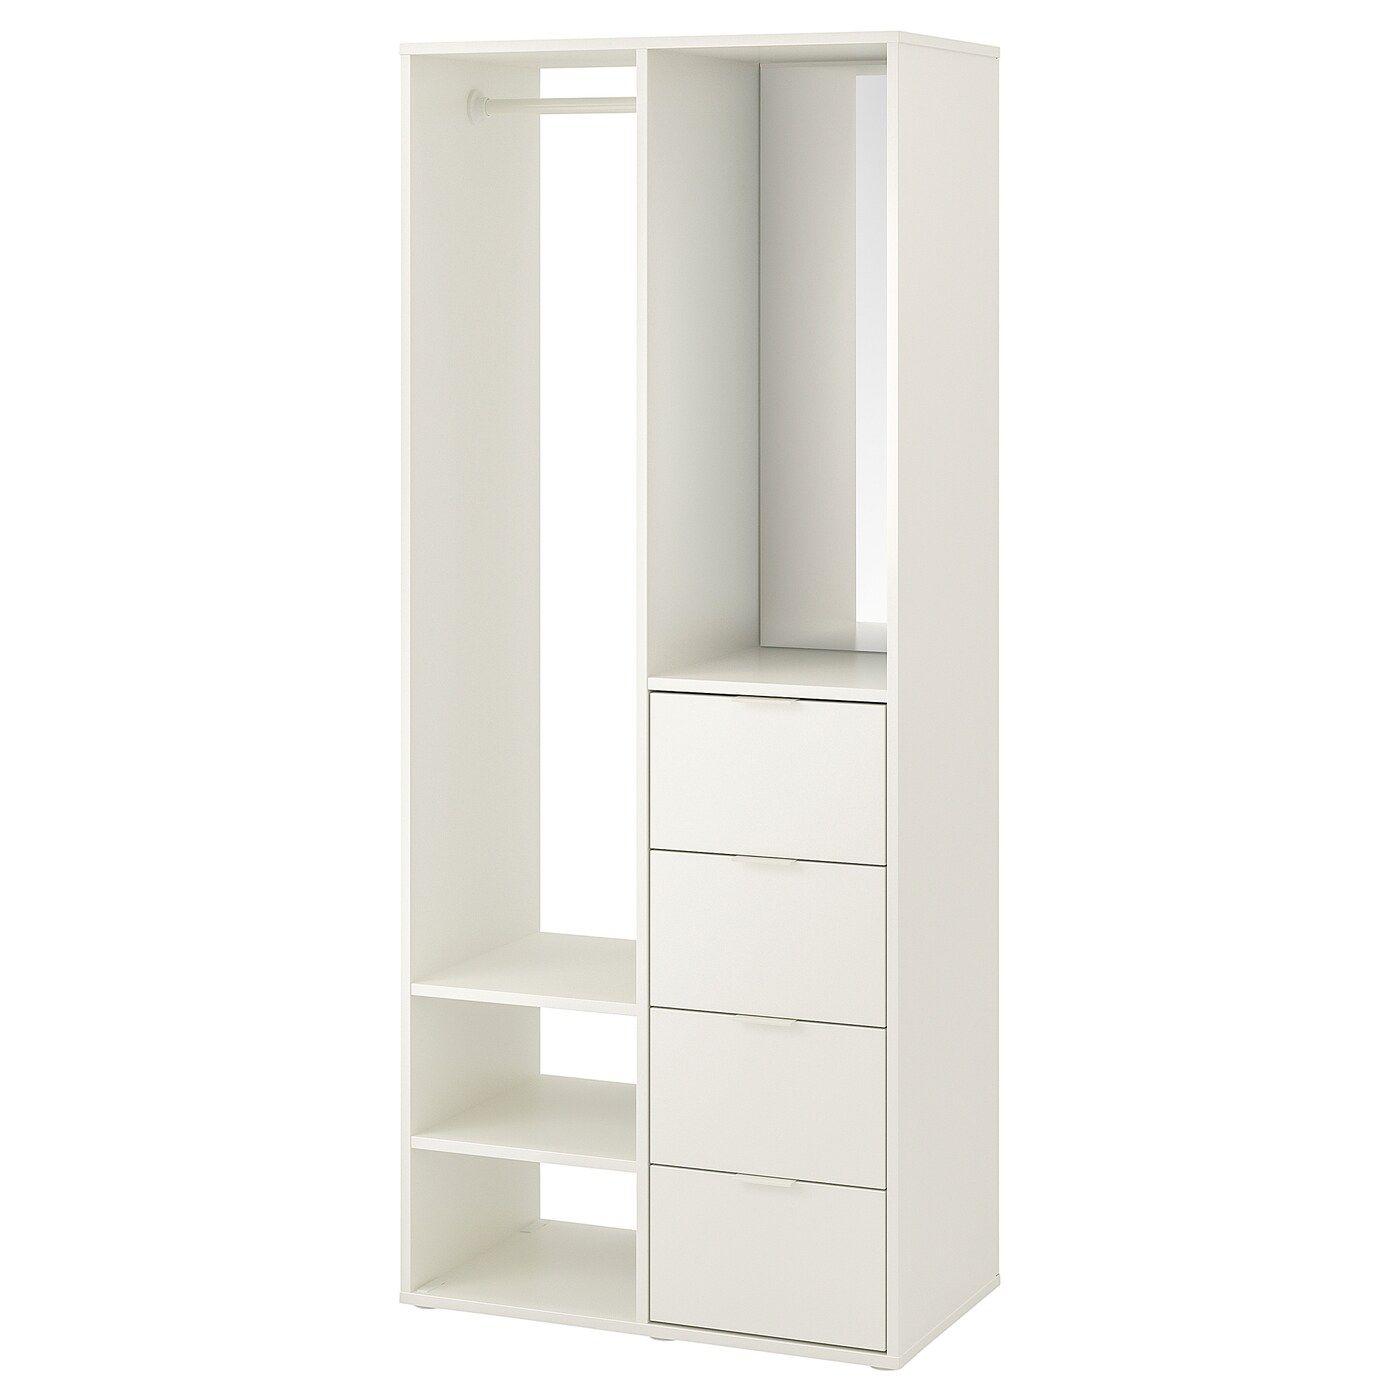 Sundlandet Open Wardrobe White 31 1 8x17 3 8x73 5 8